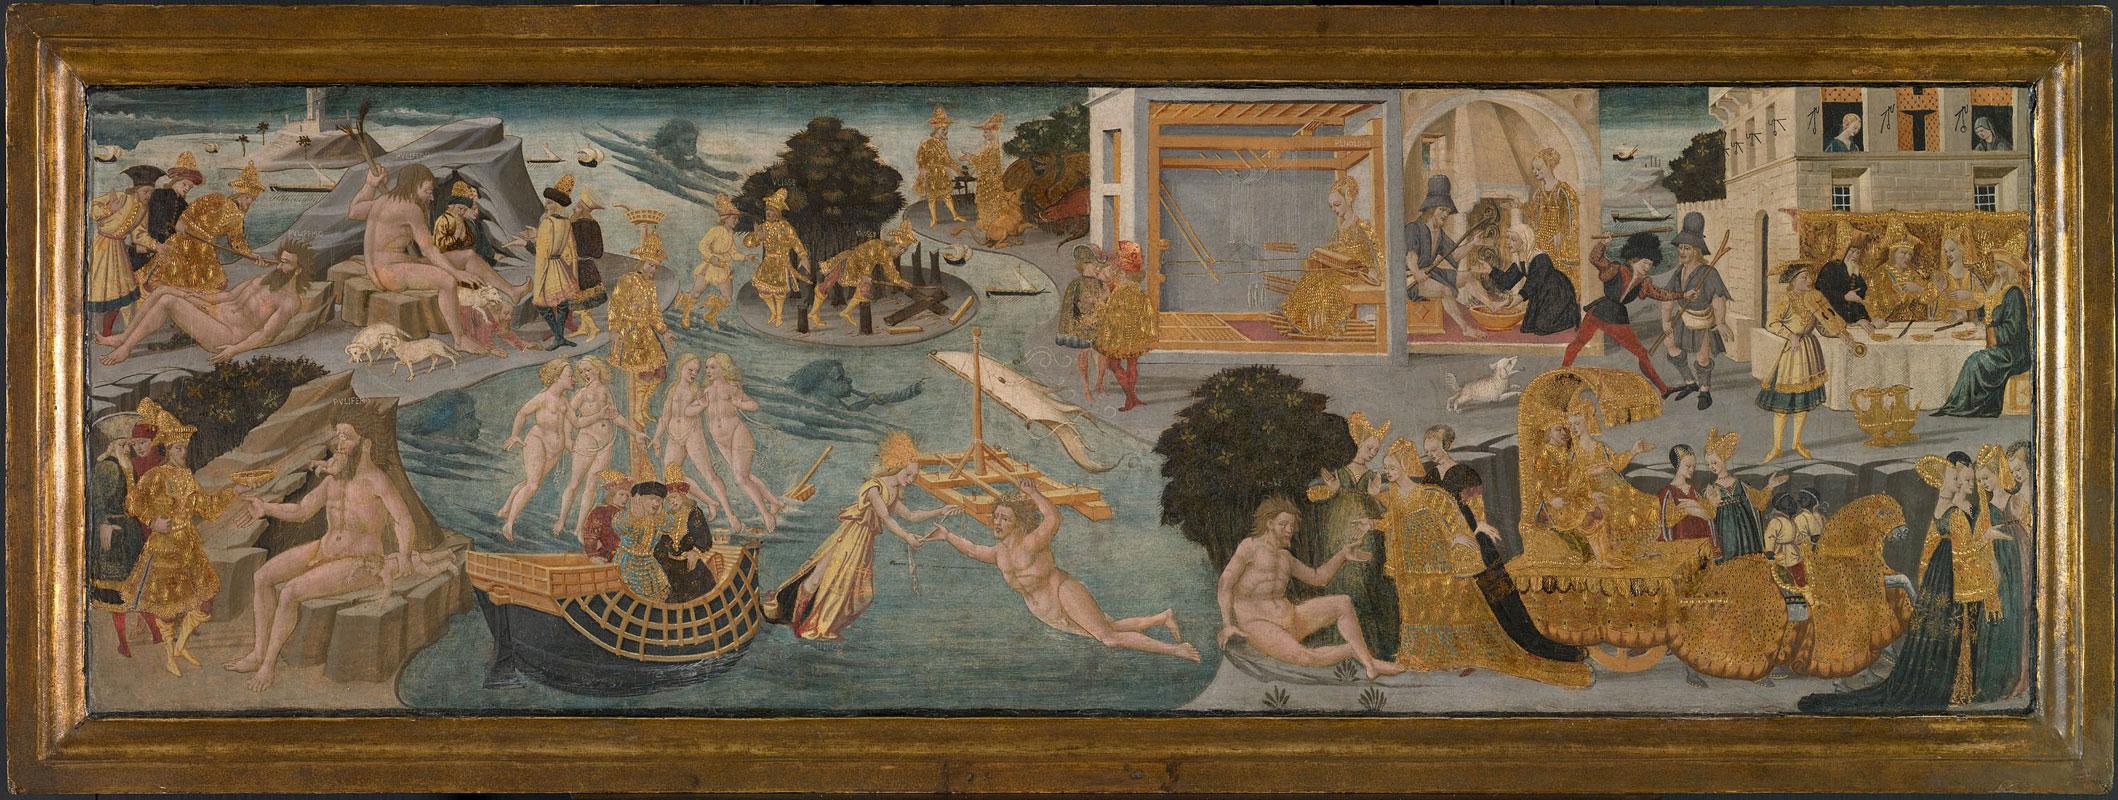 The Adventures of Ulysses by Apollonio di Giovanni